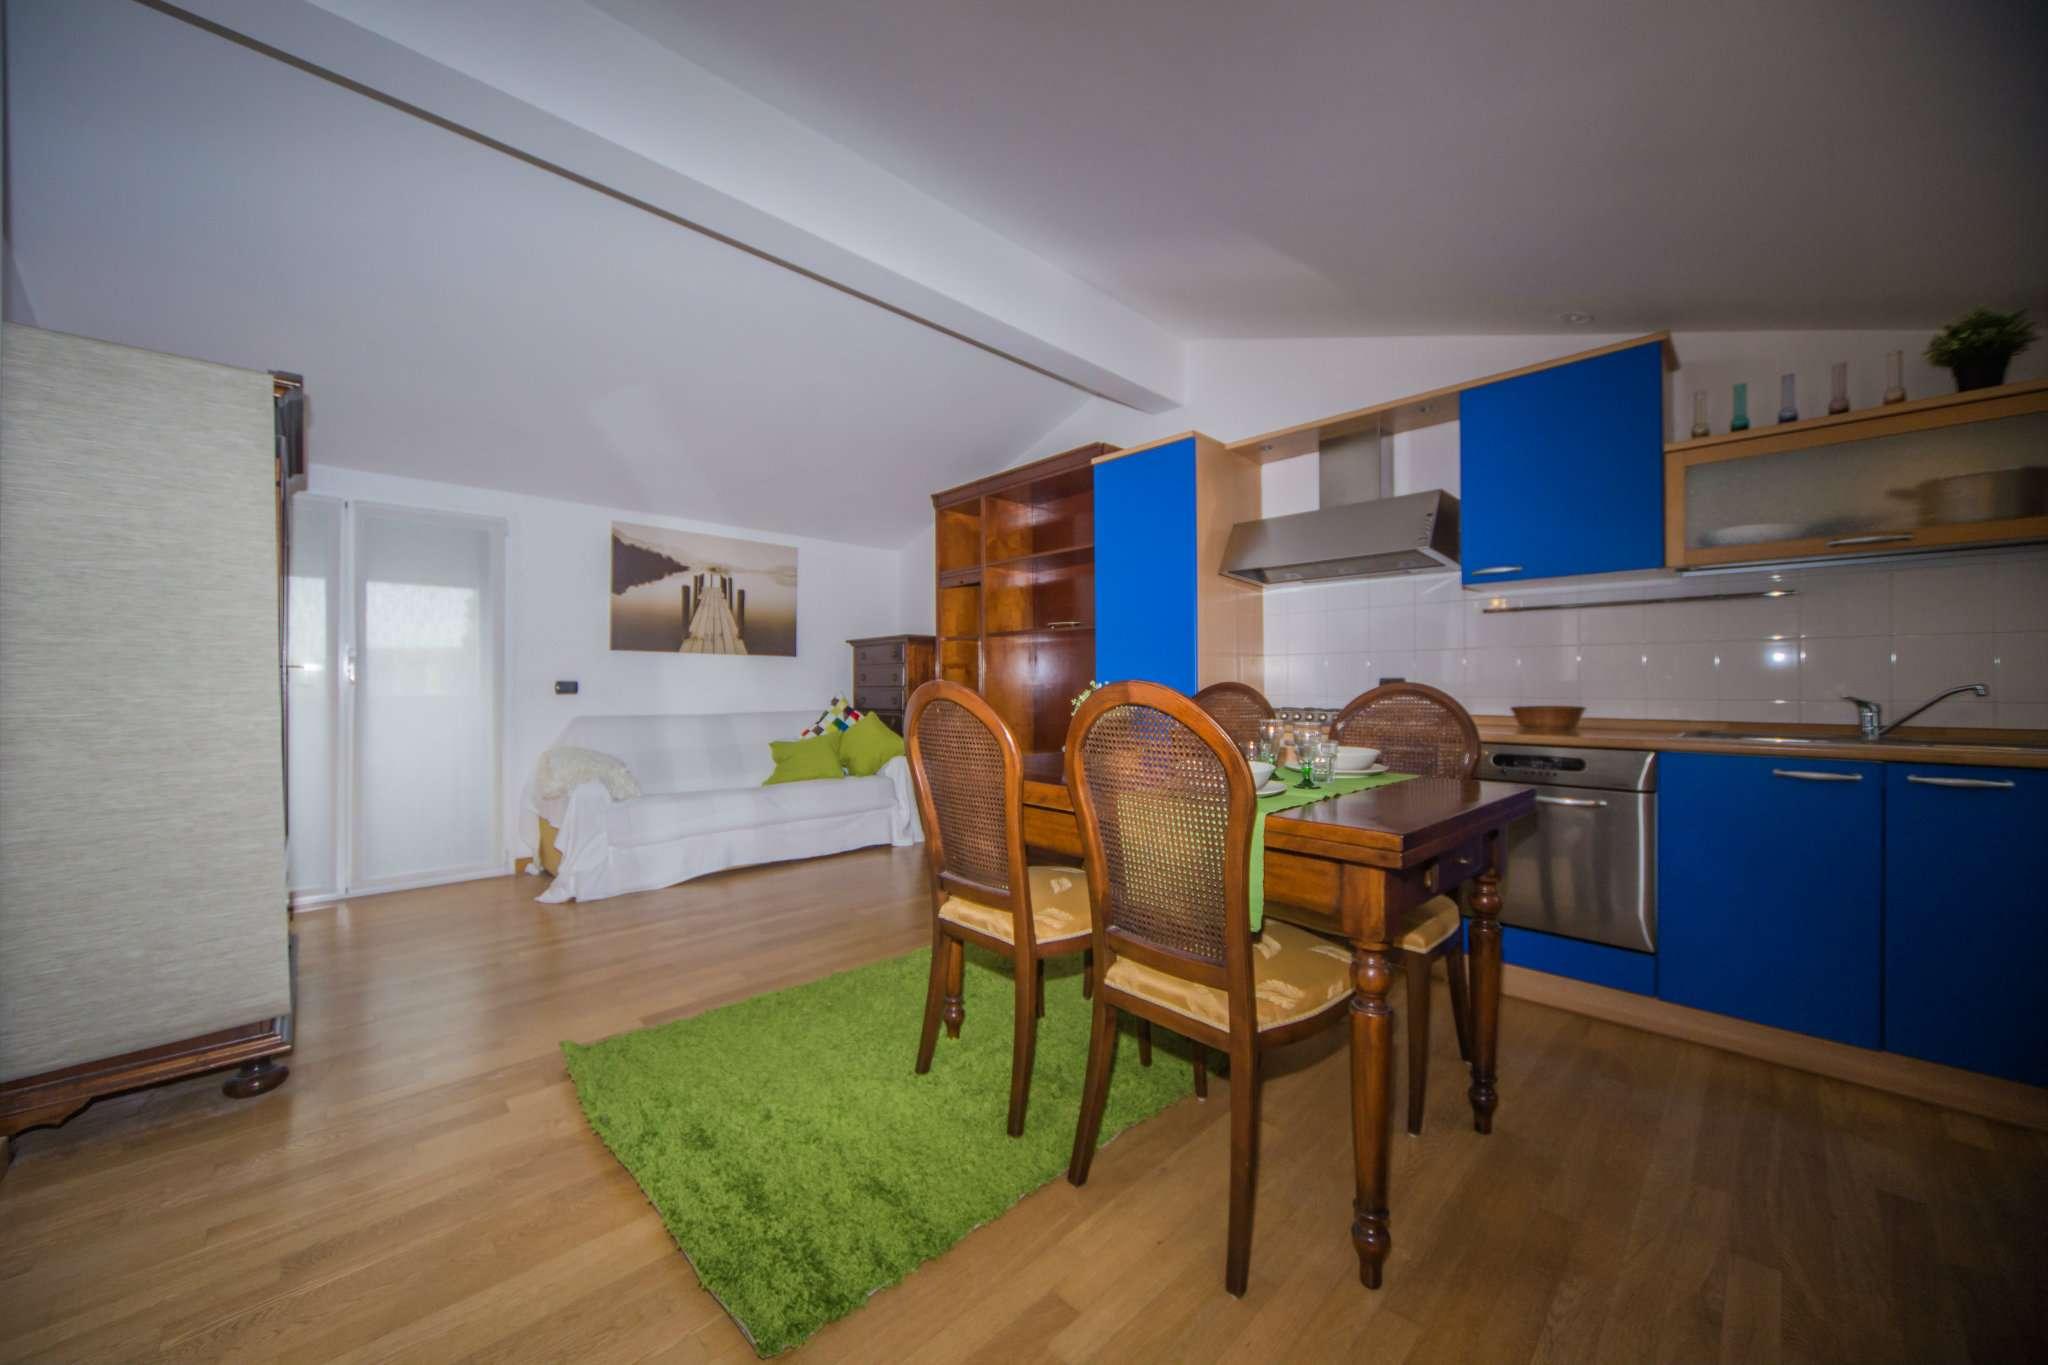 Appartamento in affitto a Milano, 1 locali, zona Zona: 14 . Lotto, Novara, San Siro, QT8 , Montestella, Rembrandt, prezzo € 580   Cambio Casa.it